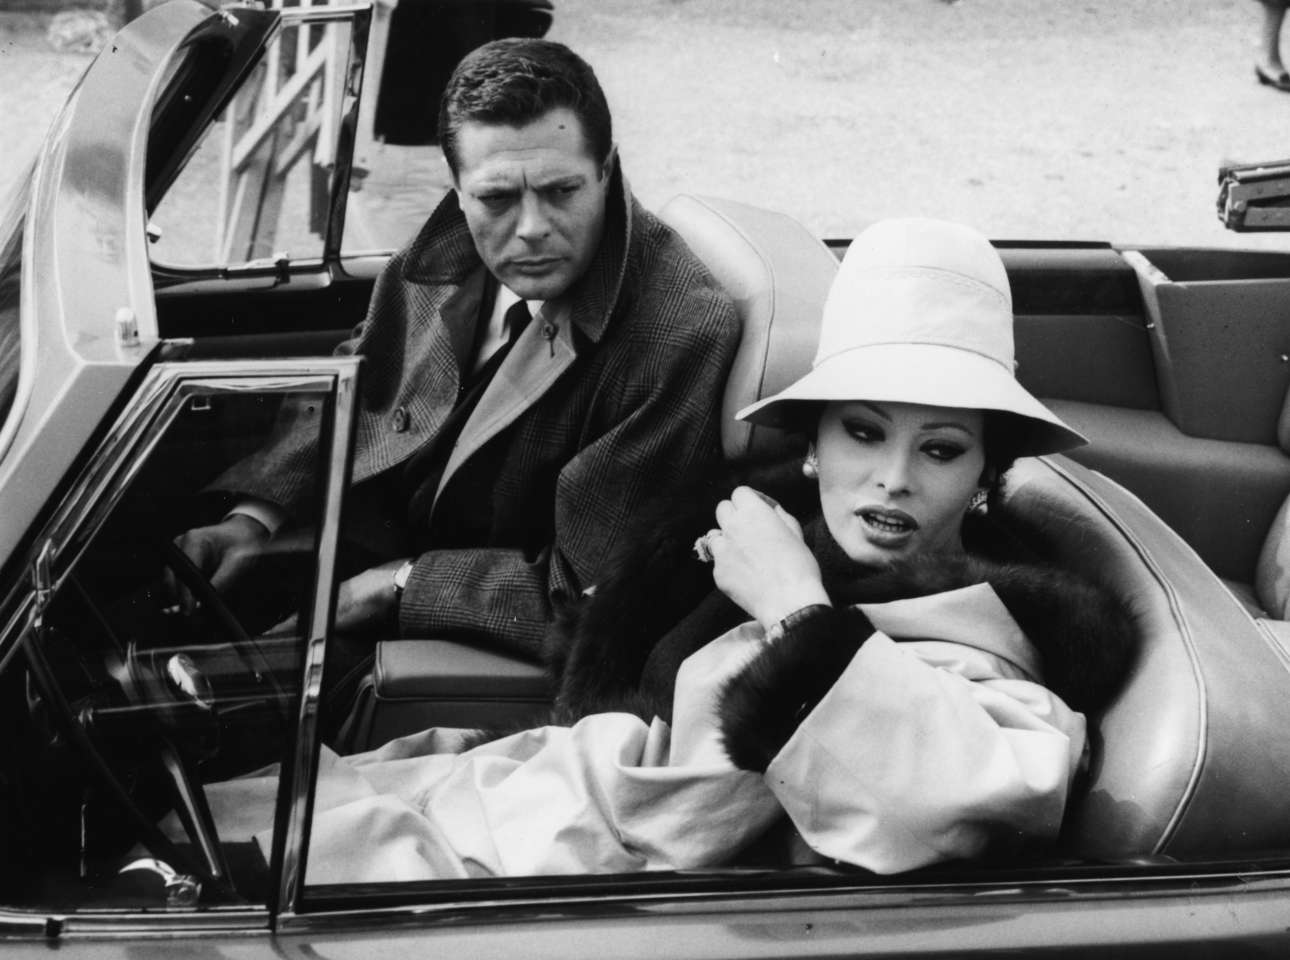 Ρώμη, 1963. Η Σοφία Λόρεν με τον Μαρτσέλο Μαστρογιάνι στα γυρίσματα του οσκαρικού «Χθες, σήμερα, αύριο» του Βιτόριο ντε Σίκα